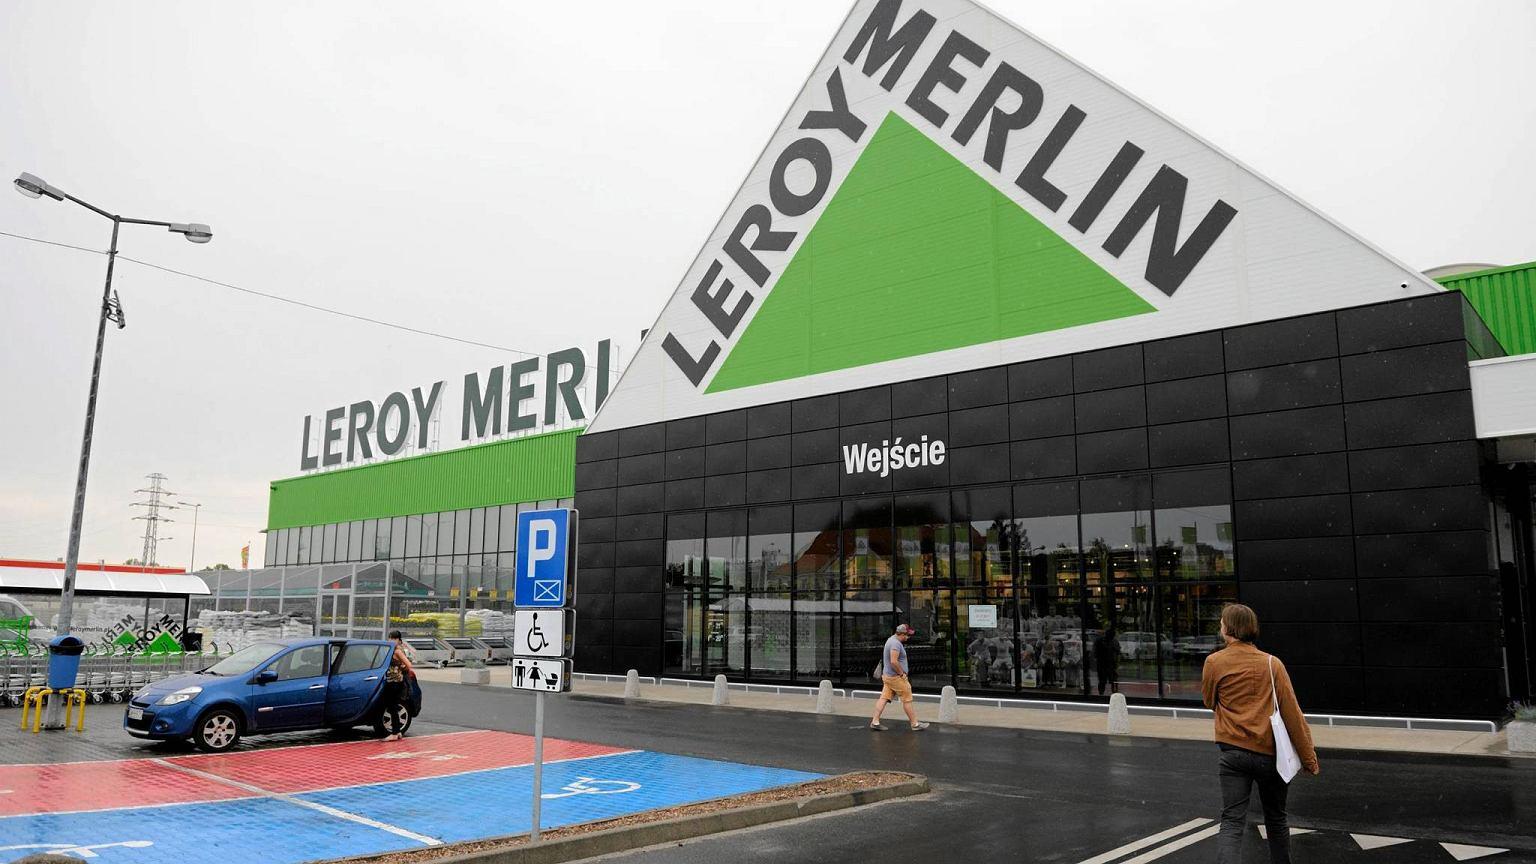 Trwa Rozprzedaz Sklepow Tesco Siec Leroy Merlin Kupi Trzy Hipermarkety Biznes Na Next Gazeta Pl